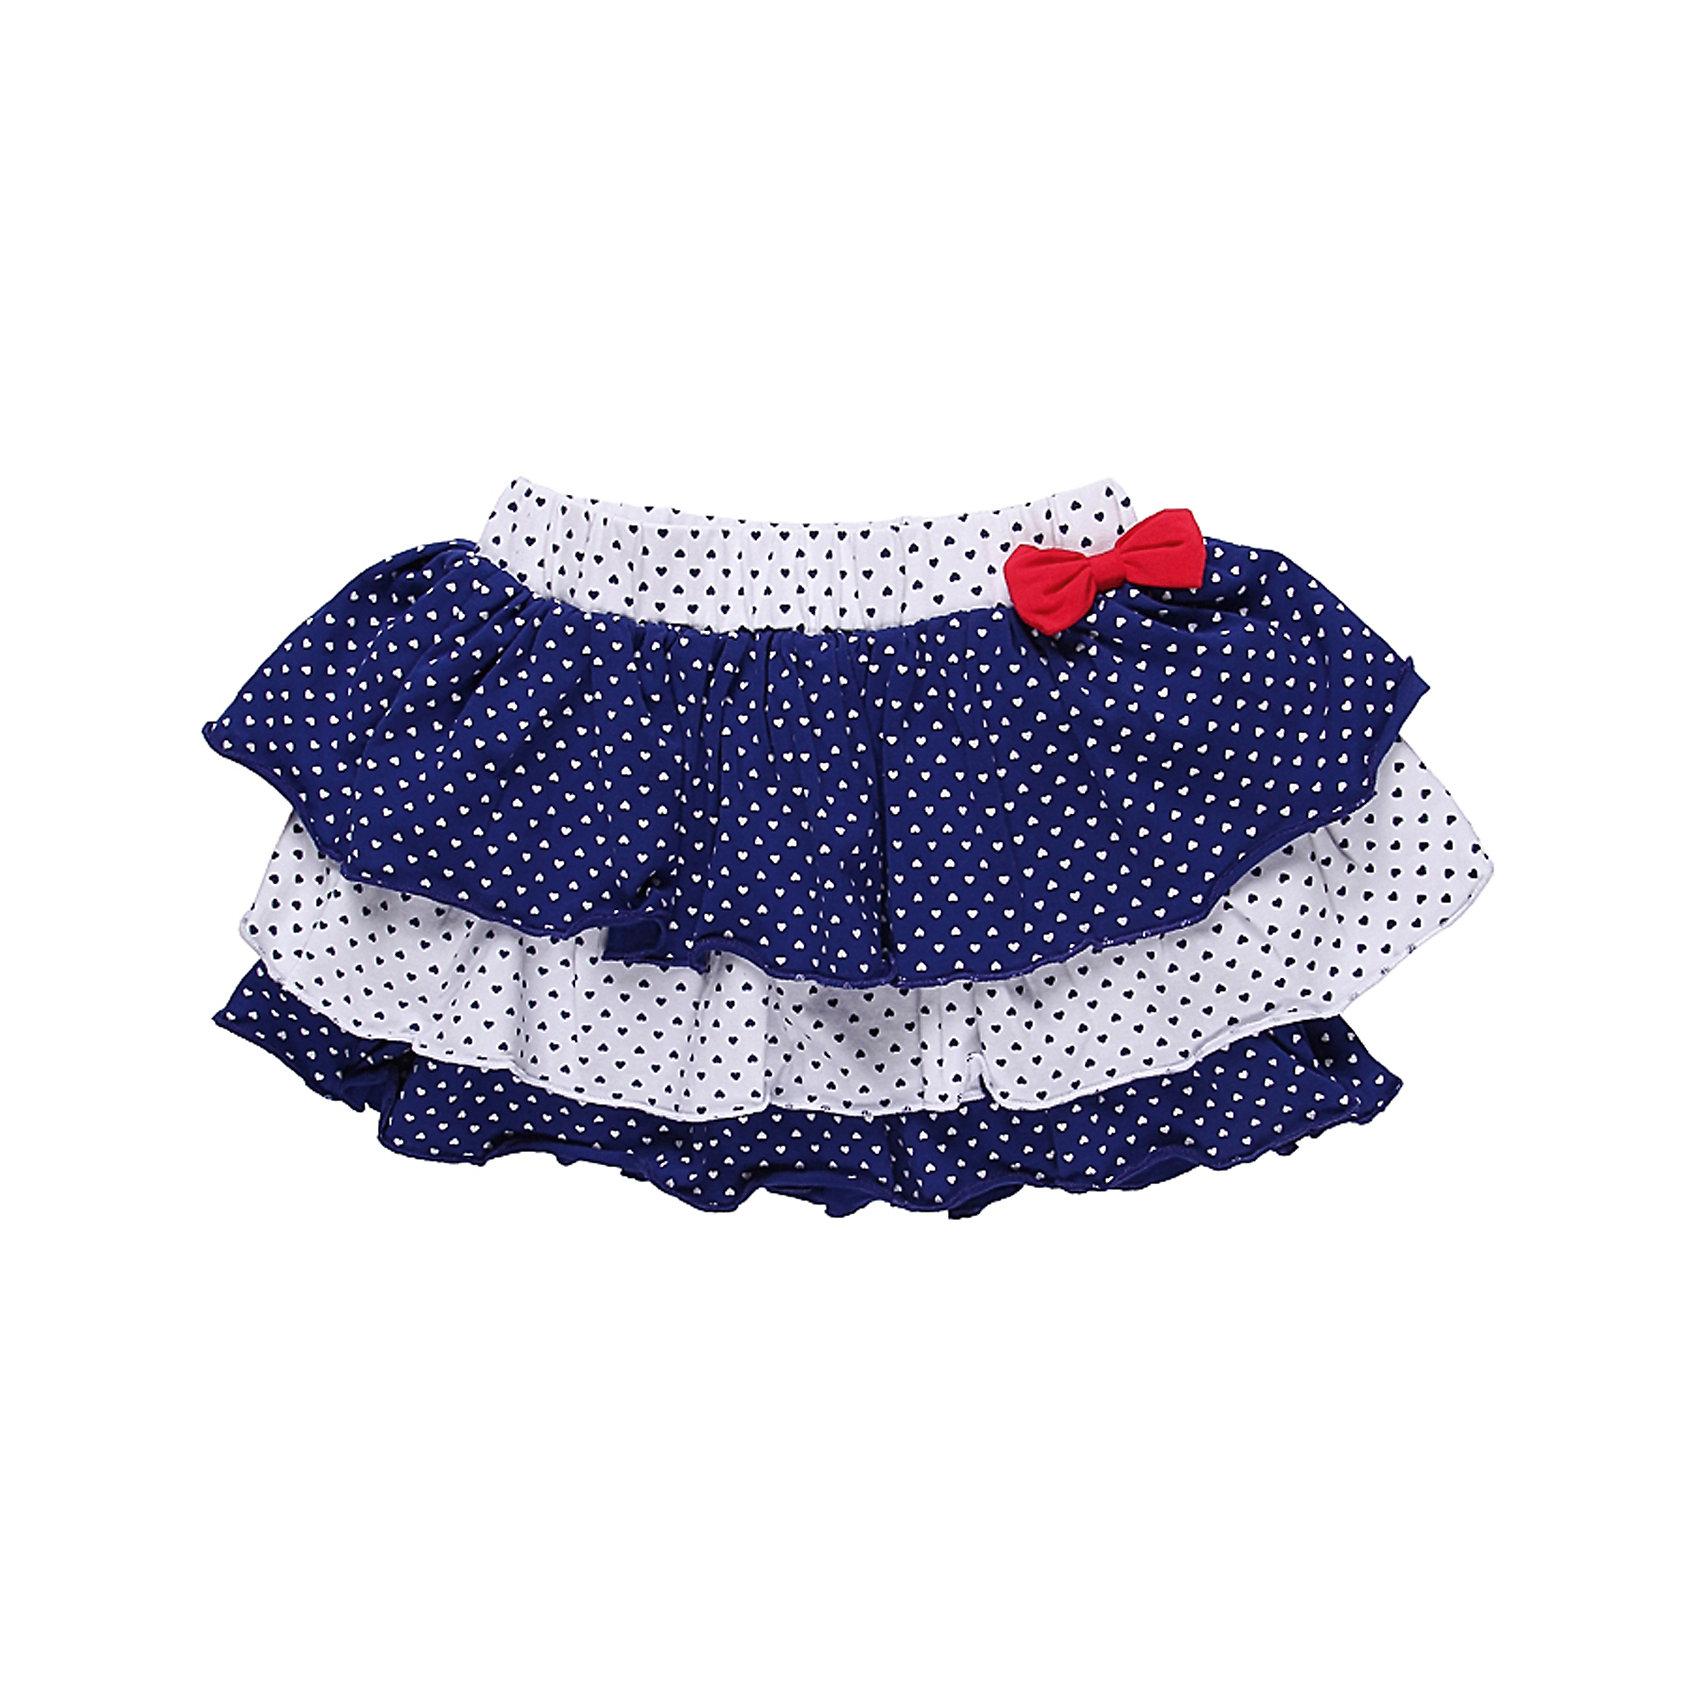 Юбка для девочки Sweet BerryТрикотажная юбка. Пояс на резинке с декоративным  бантом из велюра.<br>Состав:<br>95% хлопок, 5% эластан<br><br>Ширина мм: 207<br>Глубина мм: 10<br>Высота мм: 189<br>Вес г: 183<br>Цвет: белый/синий<br>Возраст от месяцев: 18<br>Возраст до месяцев: 24<br>Пол: Женский<br>Возраст: Детский<br>Размер: 92,86,80,98<br>SKU: 4520328